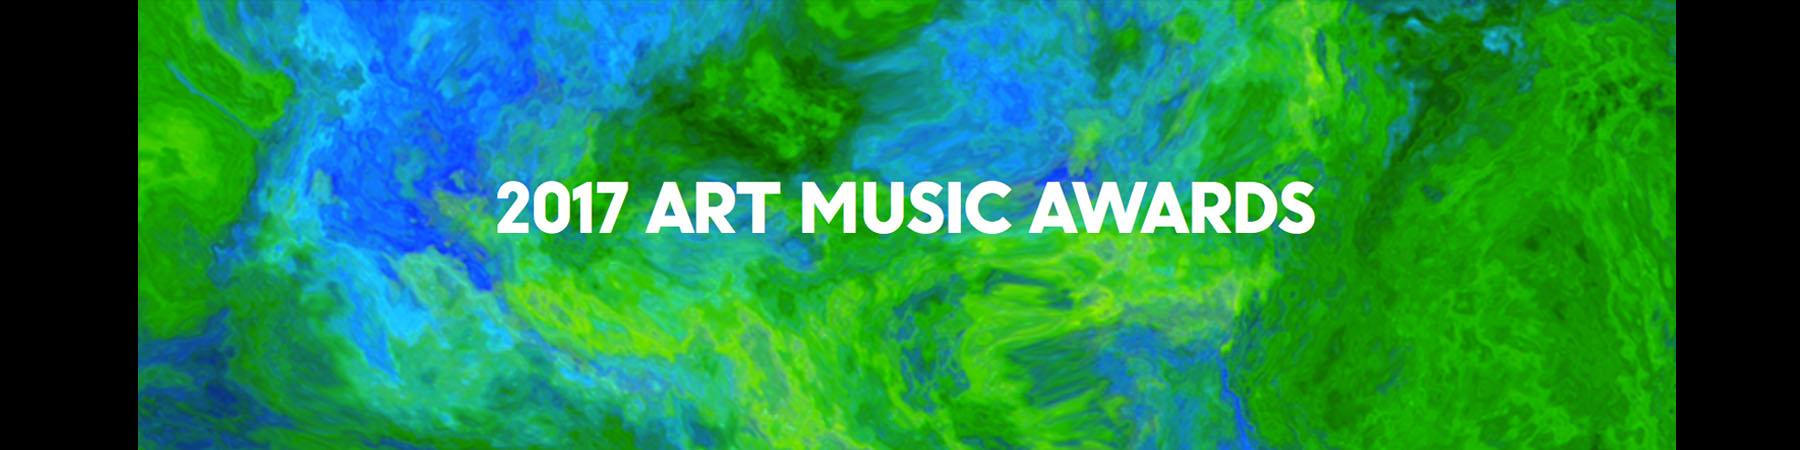 art-music-awards-slider